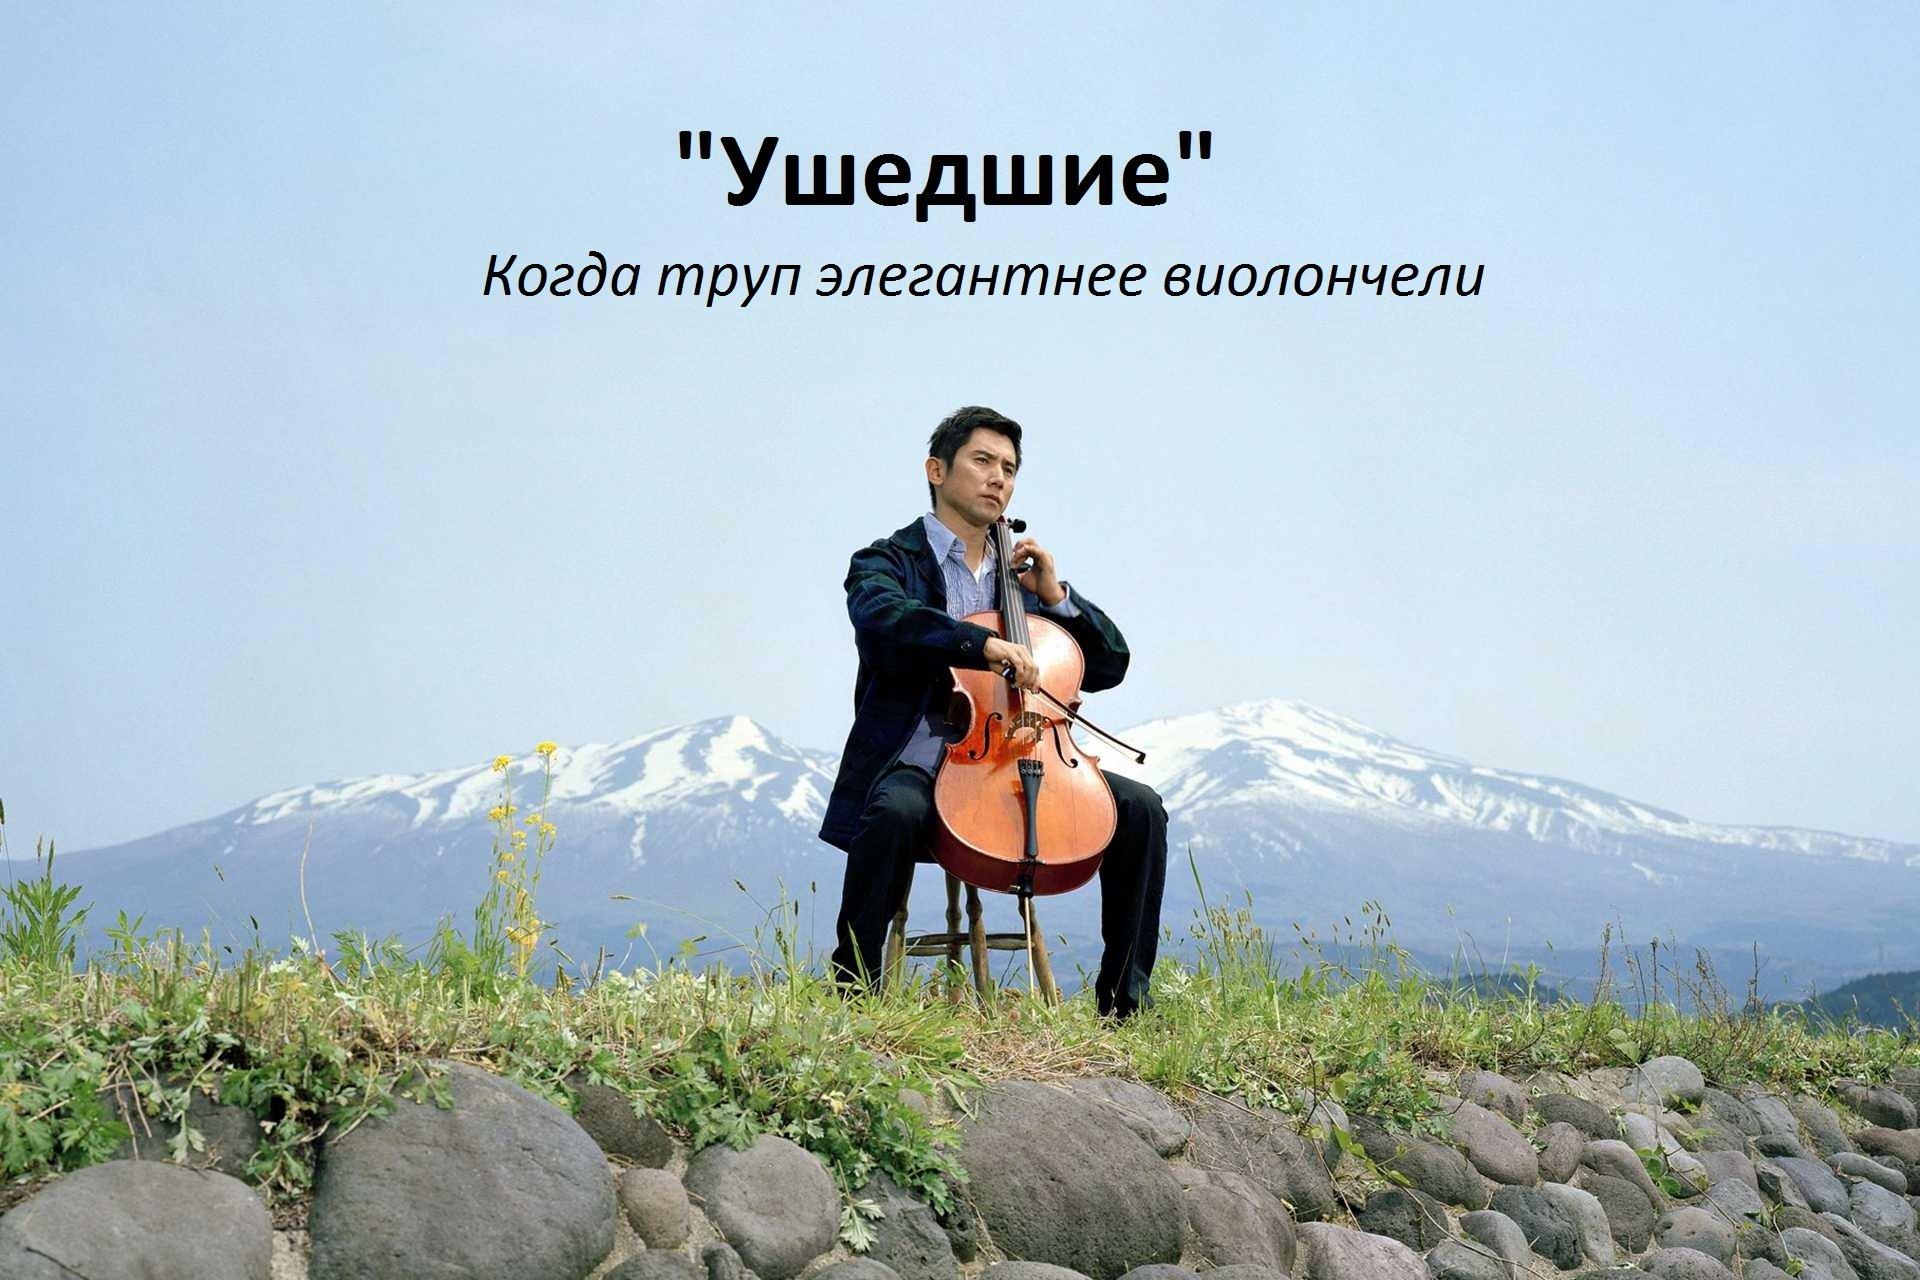 """""""Ушедшие"""": когда труп элегантнее виолончели. - Изображение 1"""